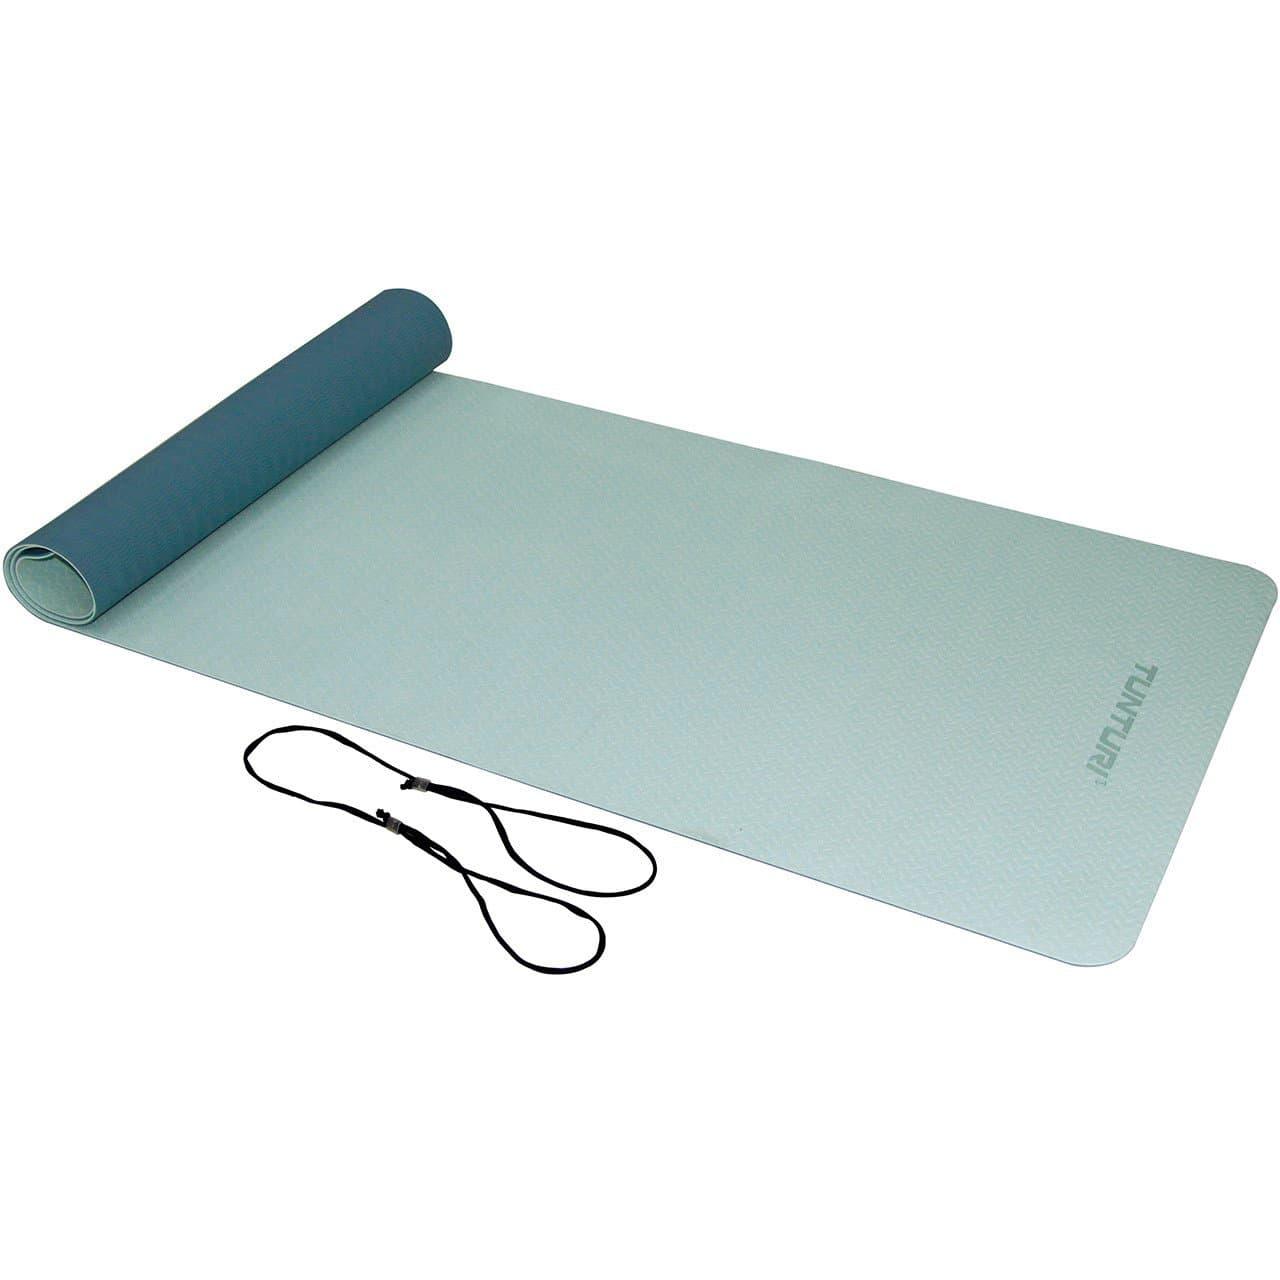 Tunturi Tapis de yoga TPE antidérapant 4mm bleu